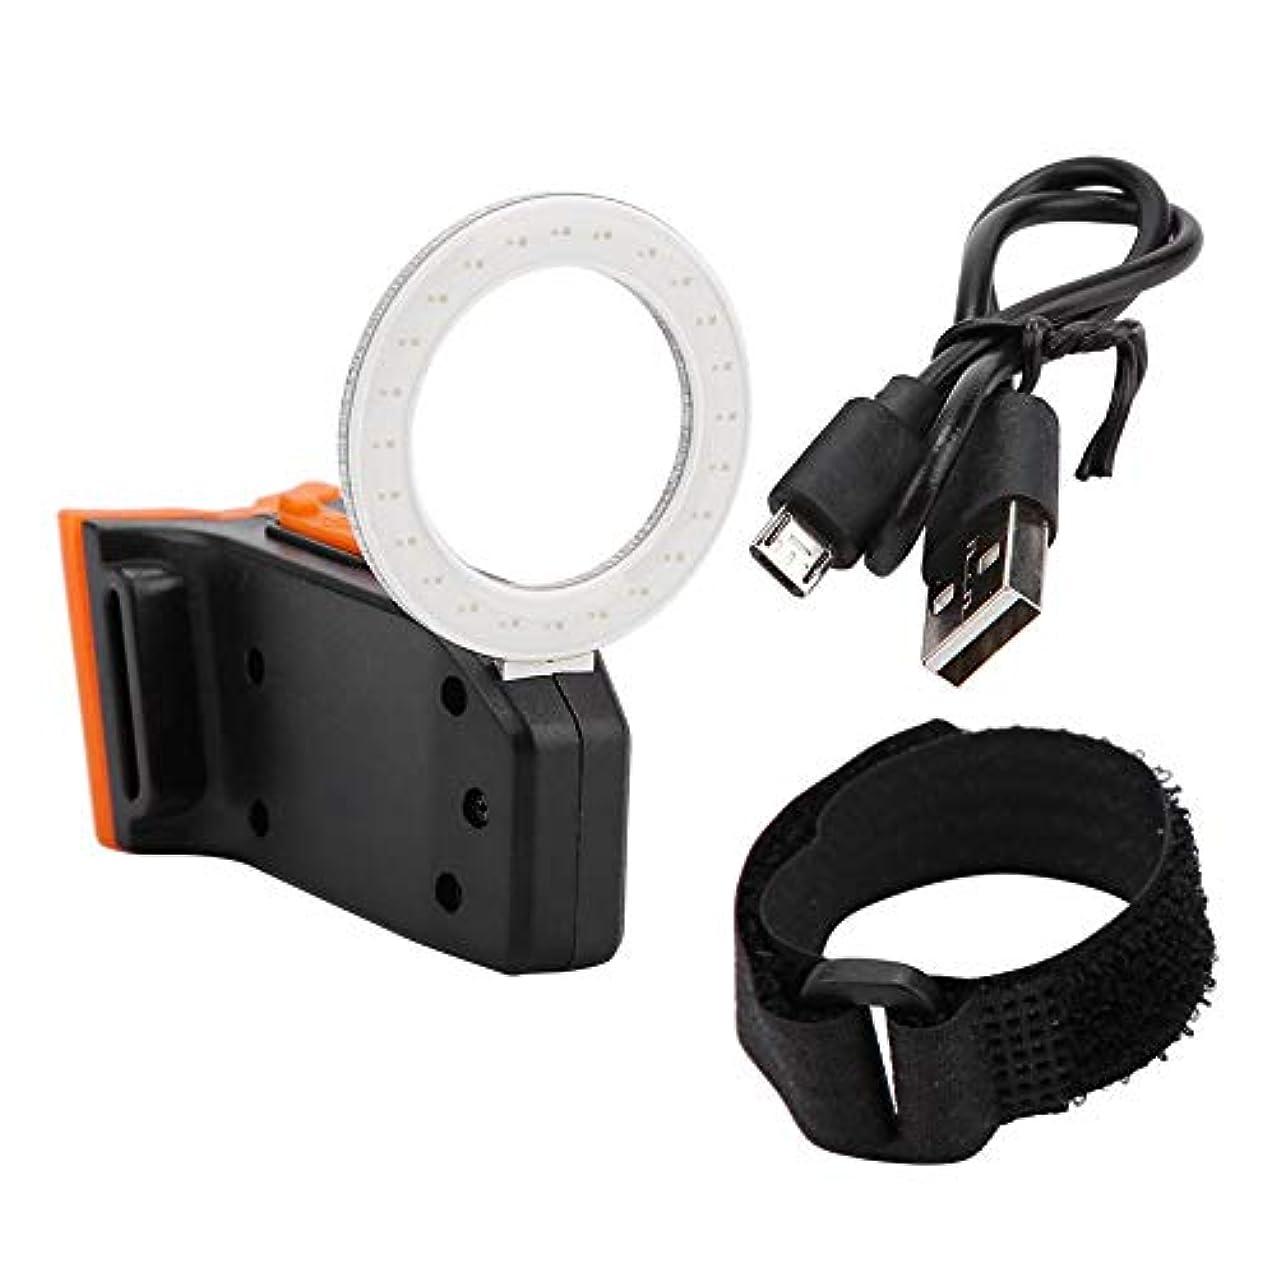 最も遠い型プロペラ自転車ライト テールライト USB充電式 5つモード 自動点滅テールライト LEDセーフティライト 防水 高輝度 超小型 簡単取り付け